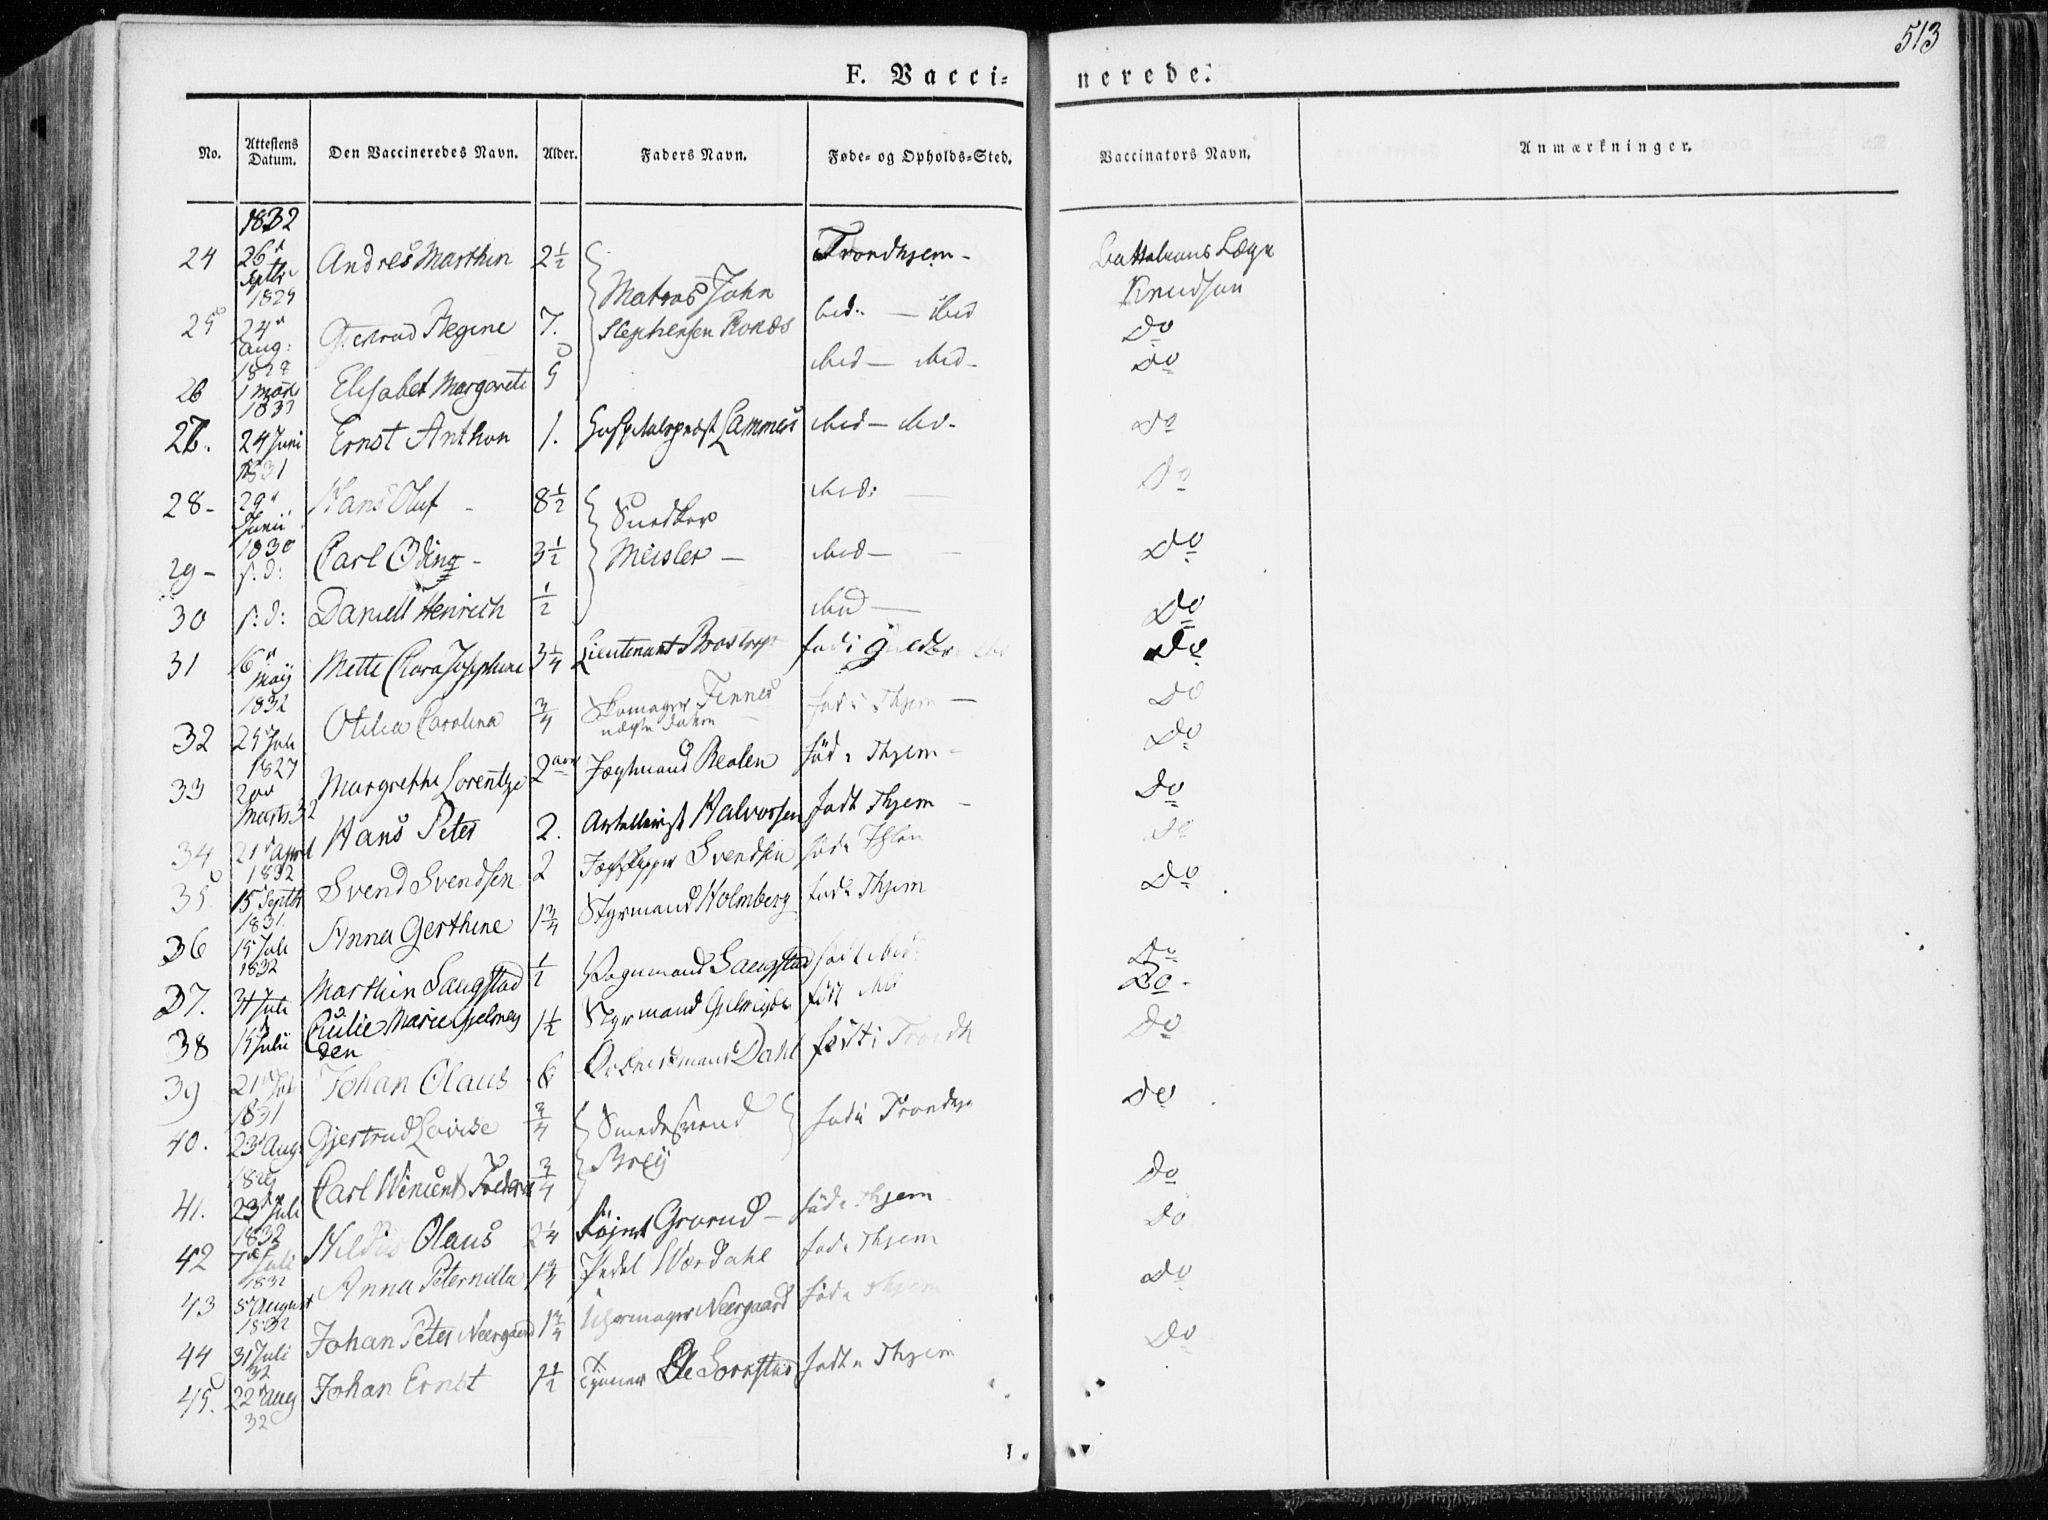 SAT, Ministerialprotokoller, klokkerbøker og fødselsregistre - Sør-Trøndelag, 601/L0047: Ministerialbok nr. 601A15, 1831-1839, s. 513